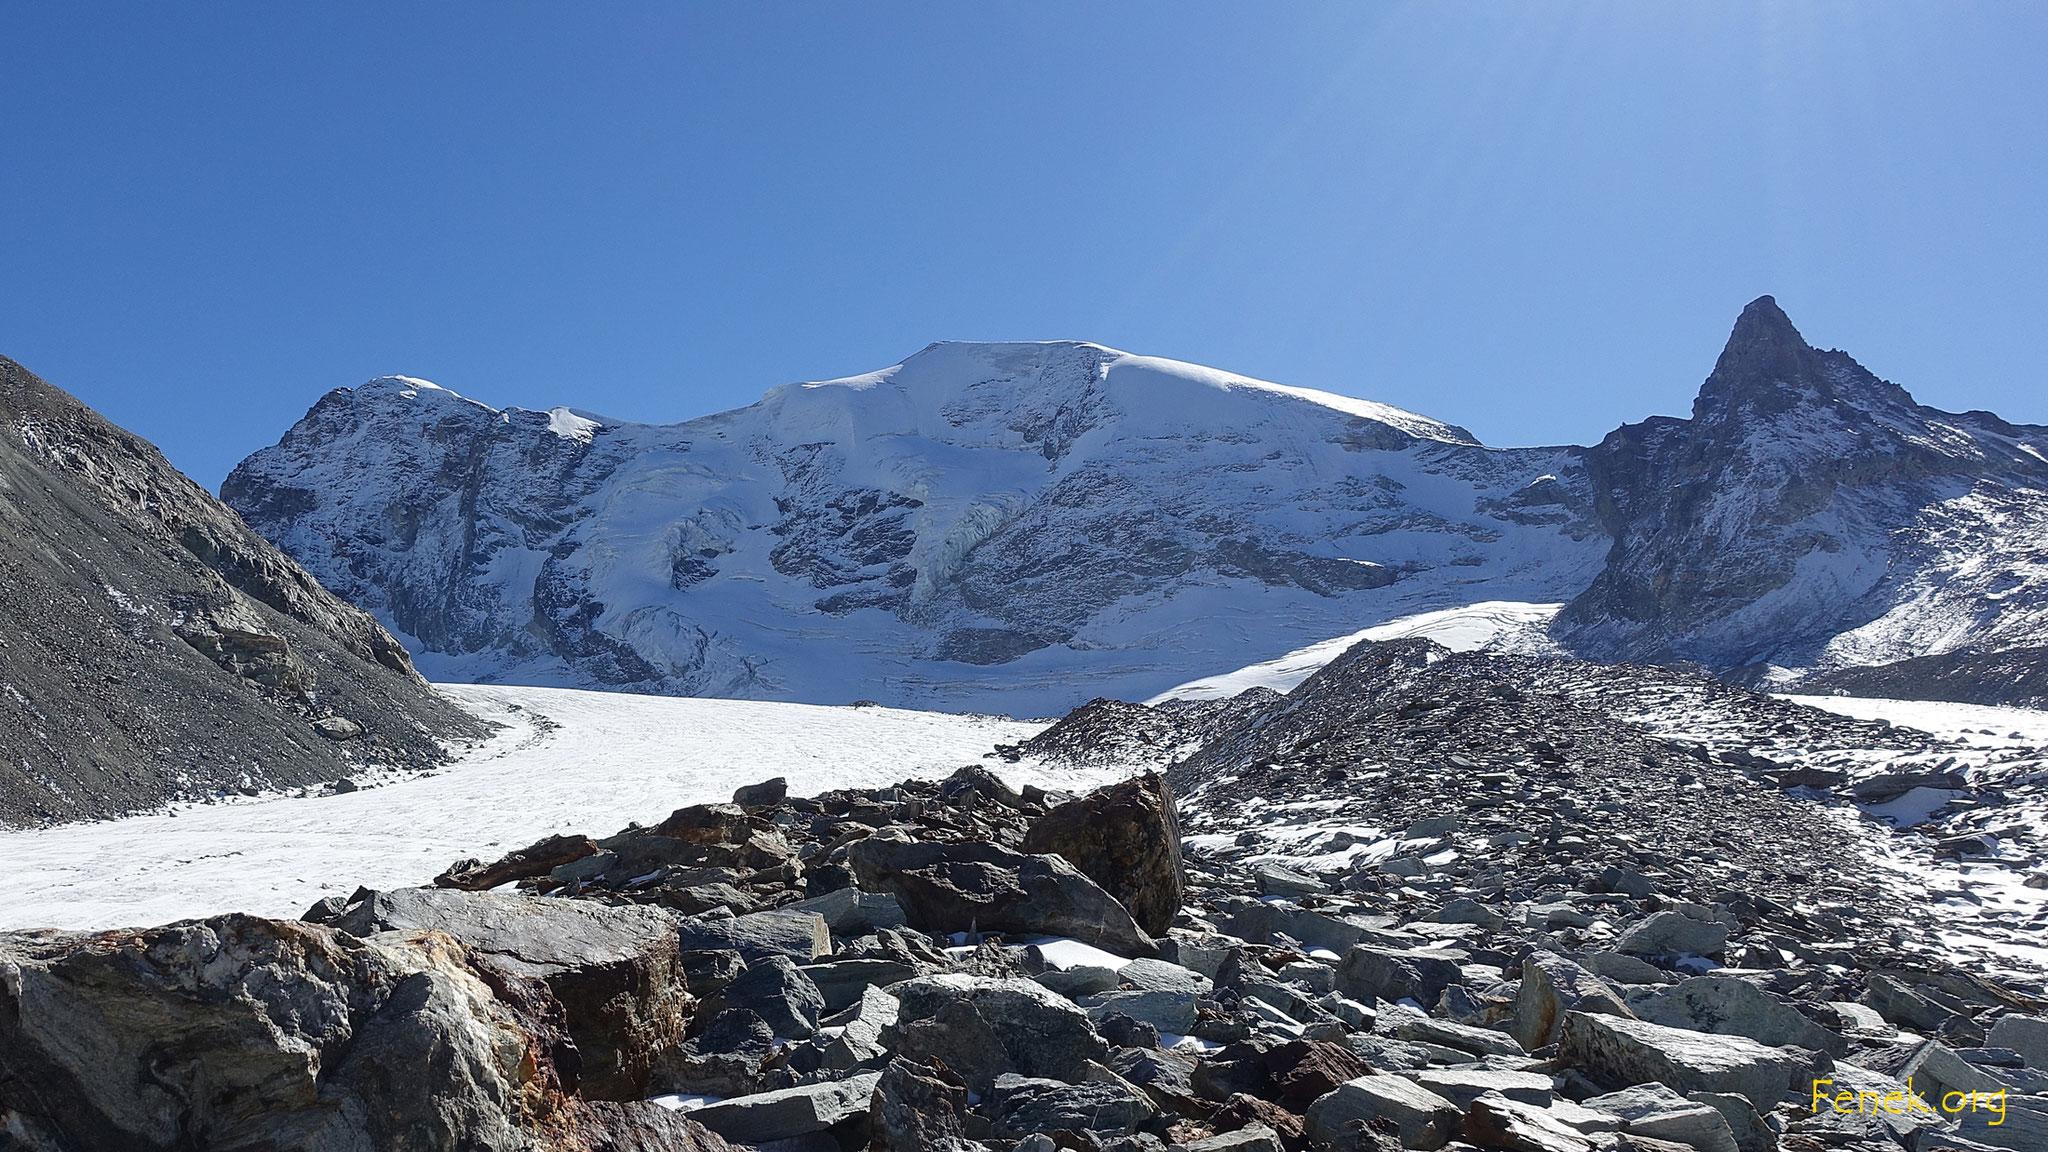 Haut Glacier d'Arolla - hinten der lange Mont Brulé